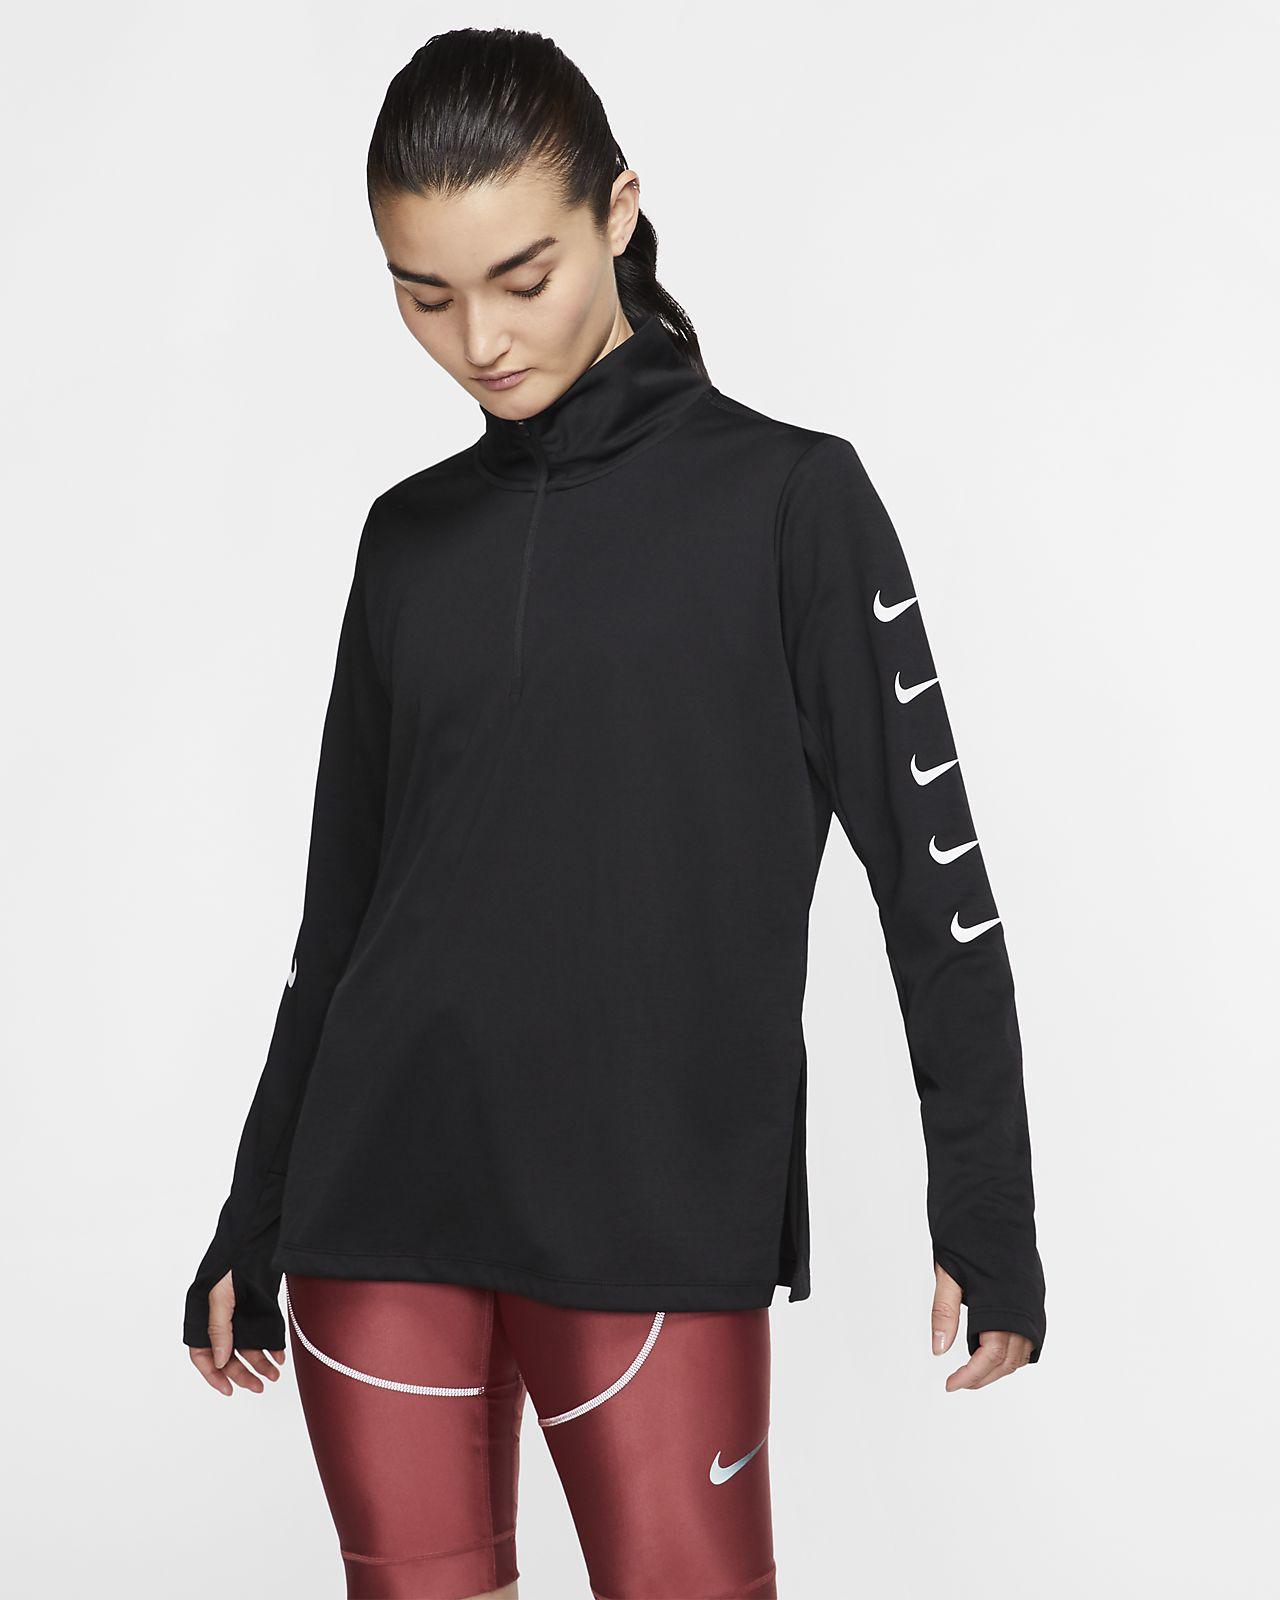 Nike Swoosh løpeoverdel med glidelås i halv lengde til dame